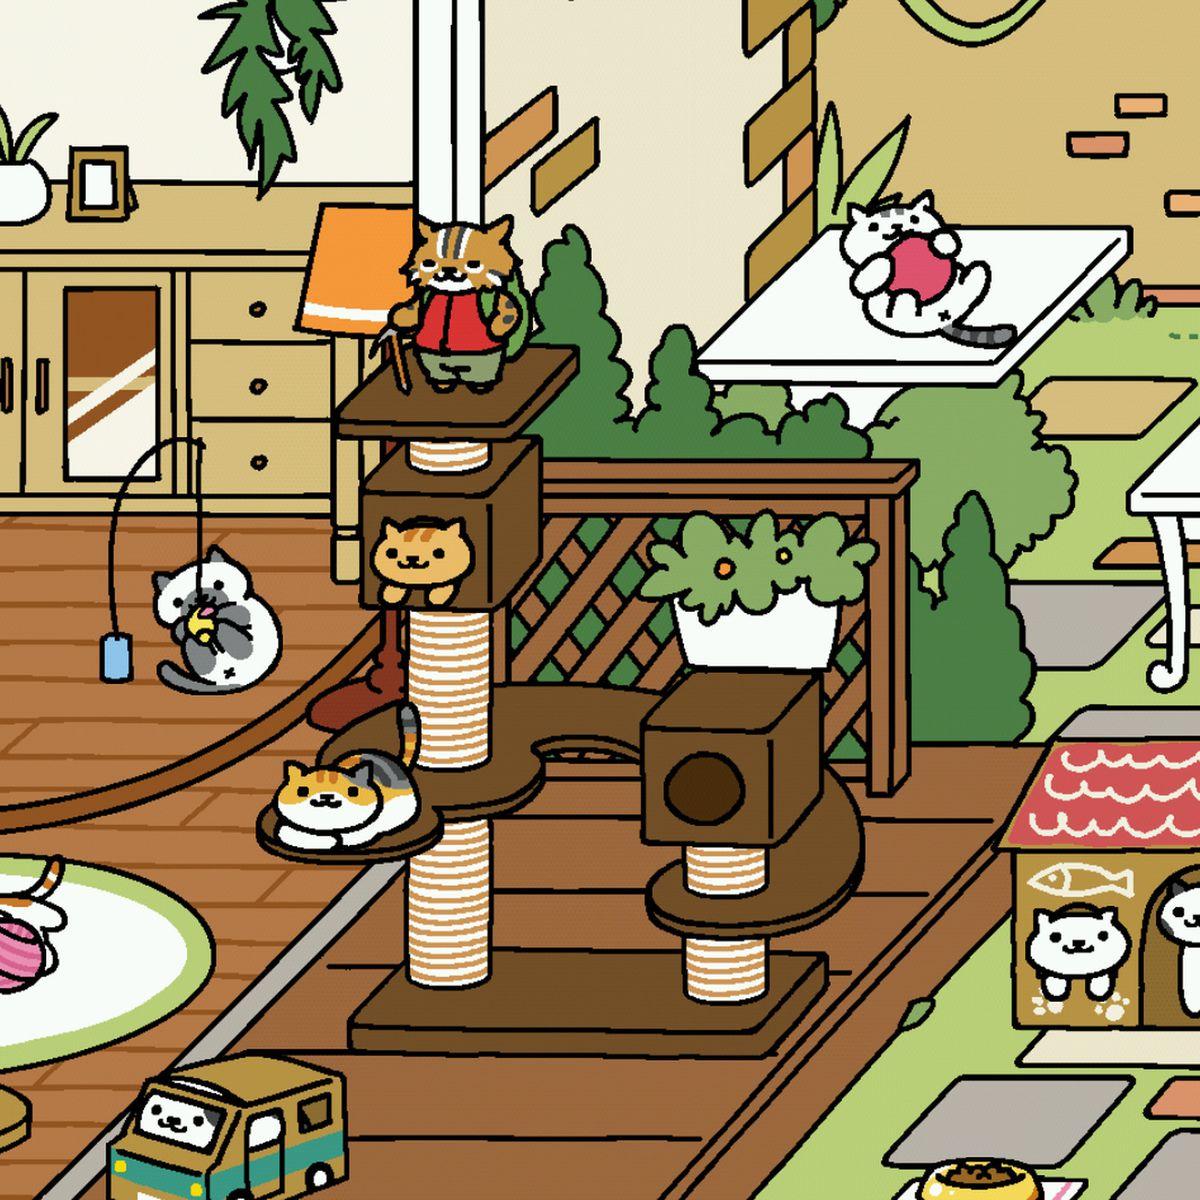 Neko Atsume screenshot of cats playing in a garden.